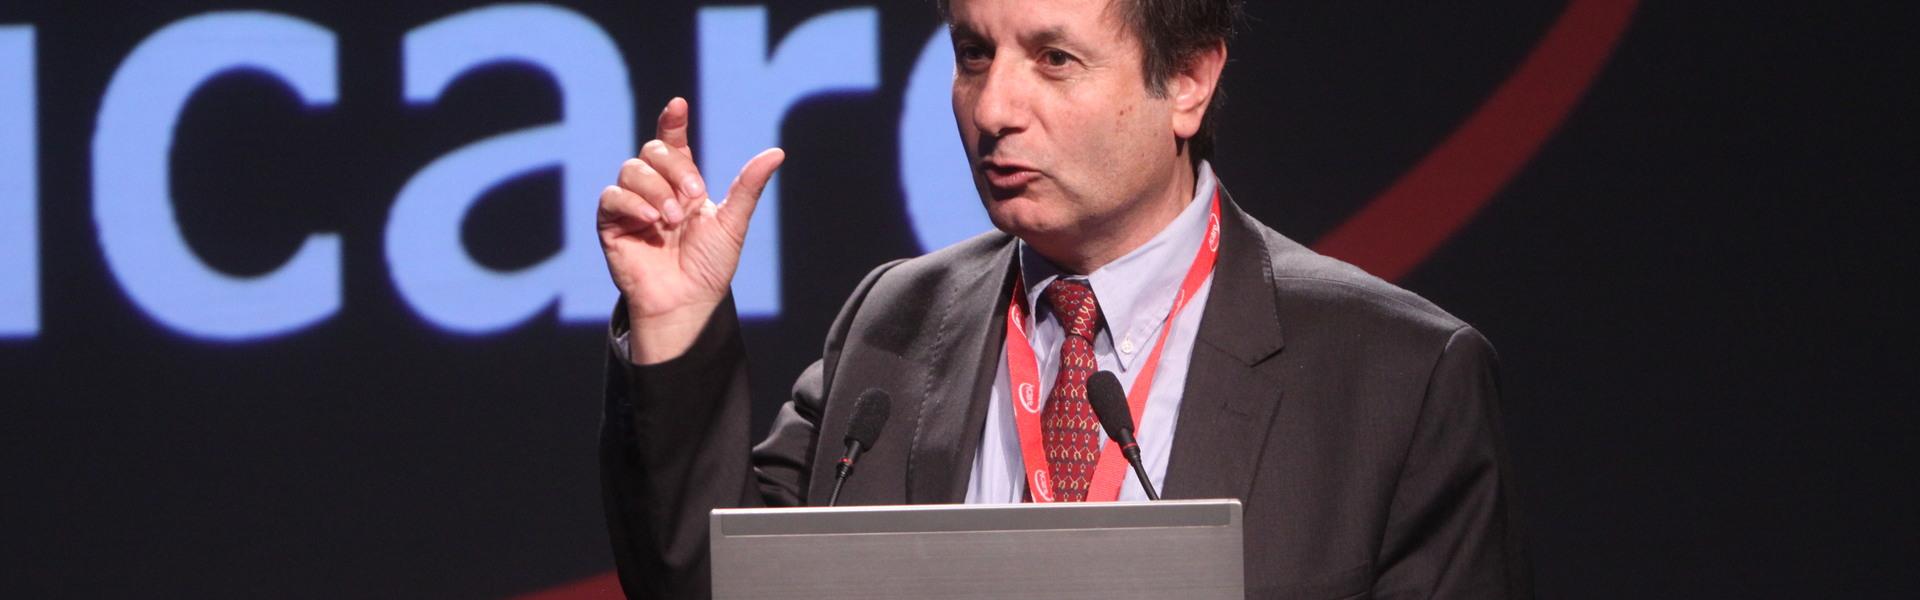 SK Godelius participa en el XV Congreso Chileno de Innovación 2016 Icare, Iluminando El Futuro